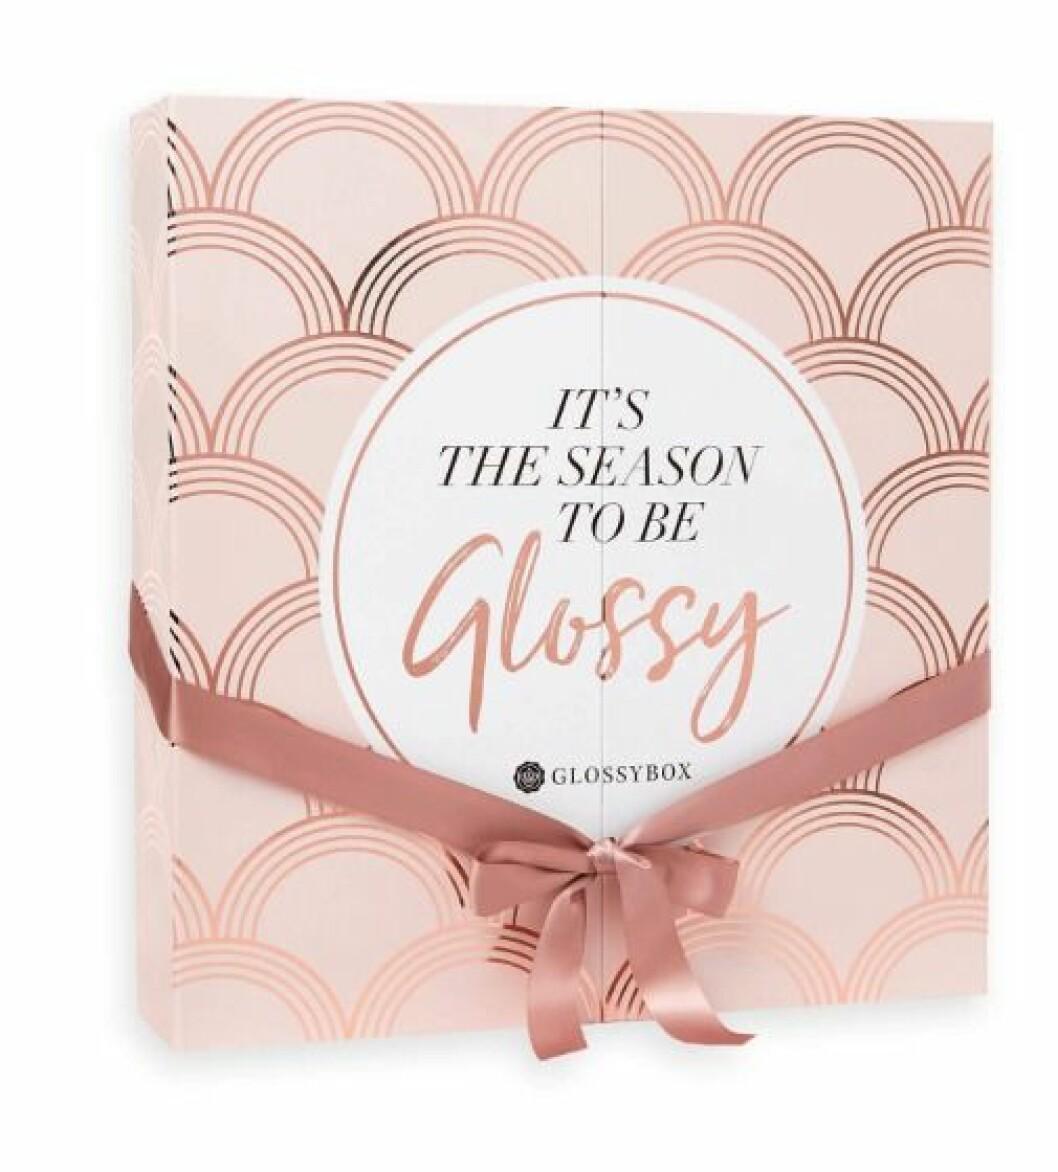 Adventskalender från Glossybox till julen 2019